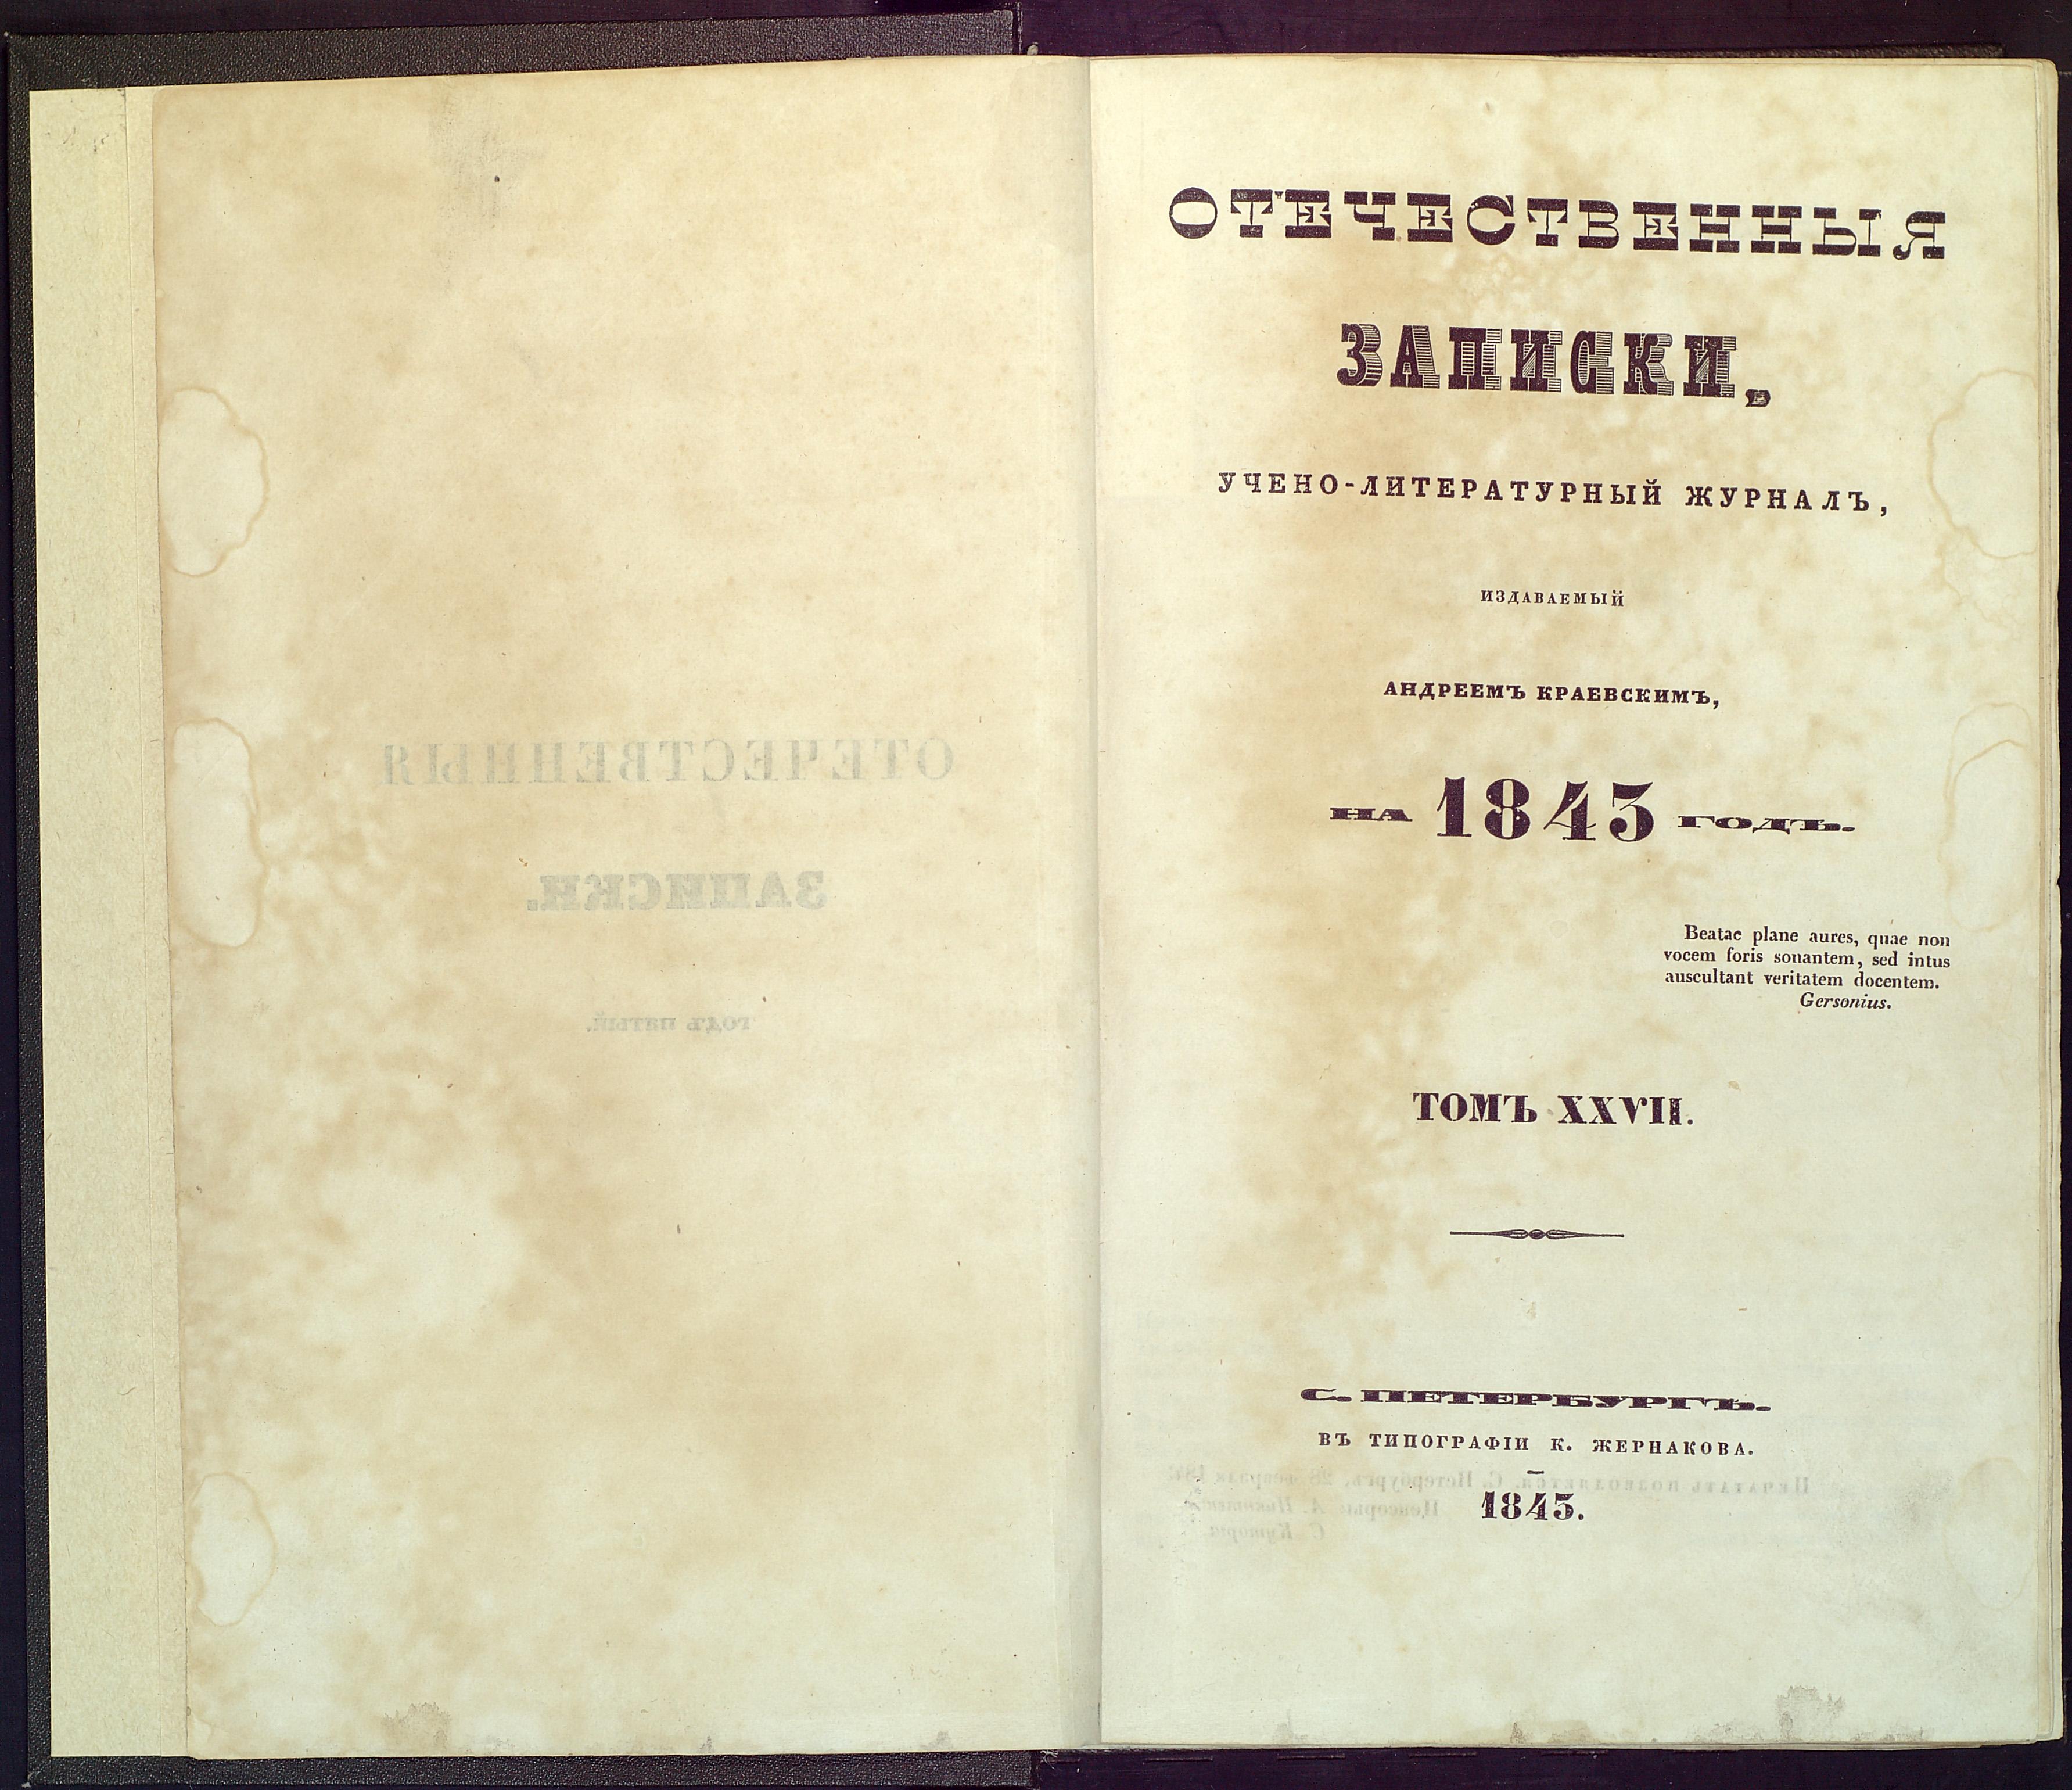 ЛОК-7556 ТАРХАНЫ КП-14178  Журнал Отечественные записки. Т. XXVII._2